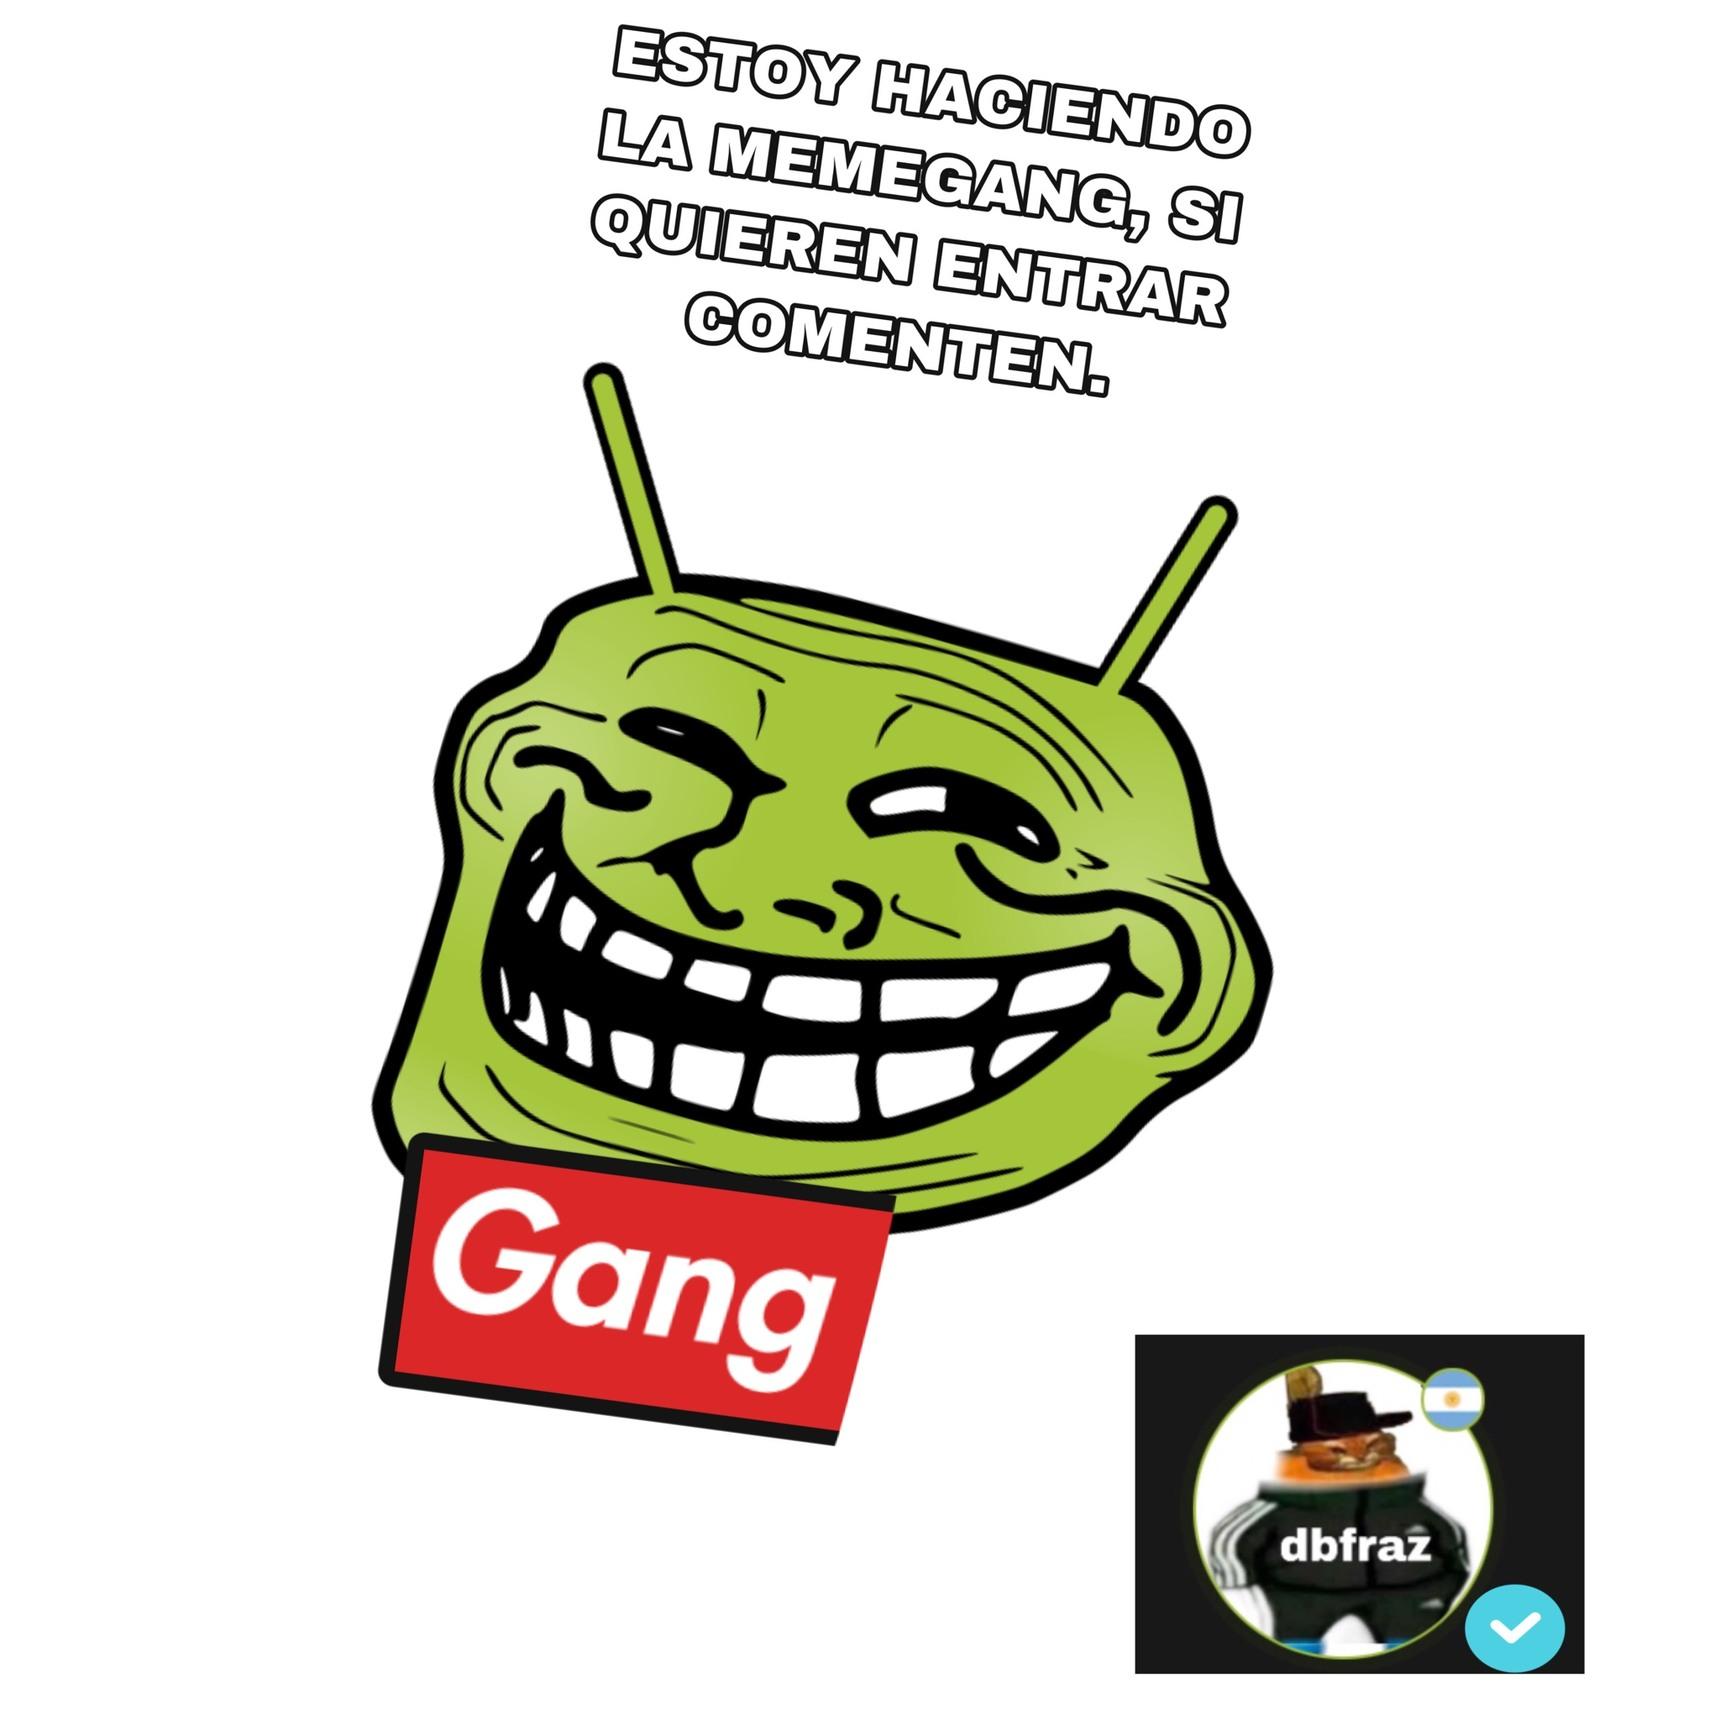 alta verga la gang pero nimodo - meme